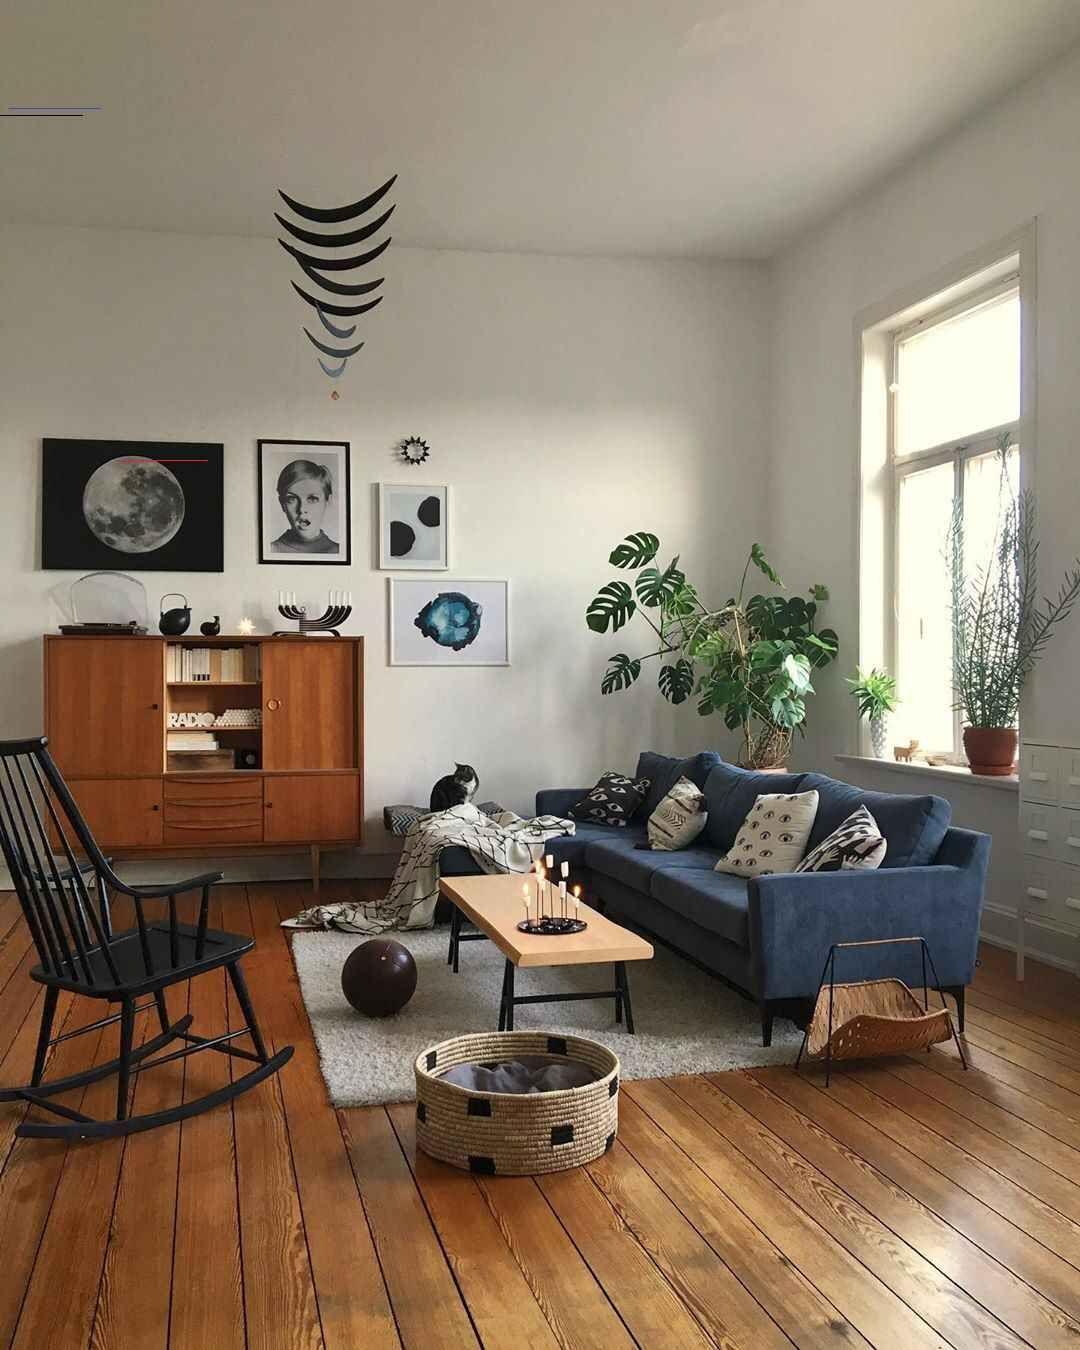 #livingroominspiratie in 2020 | Mid century modern living ...